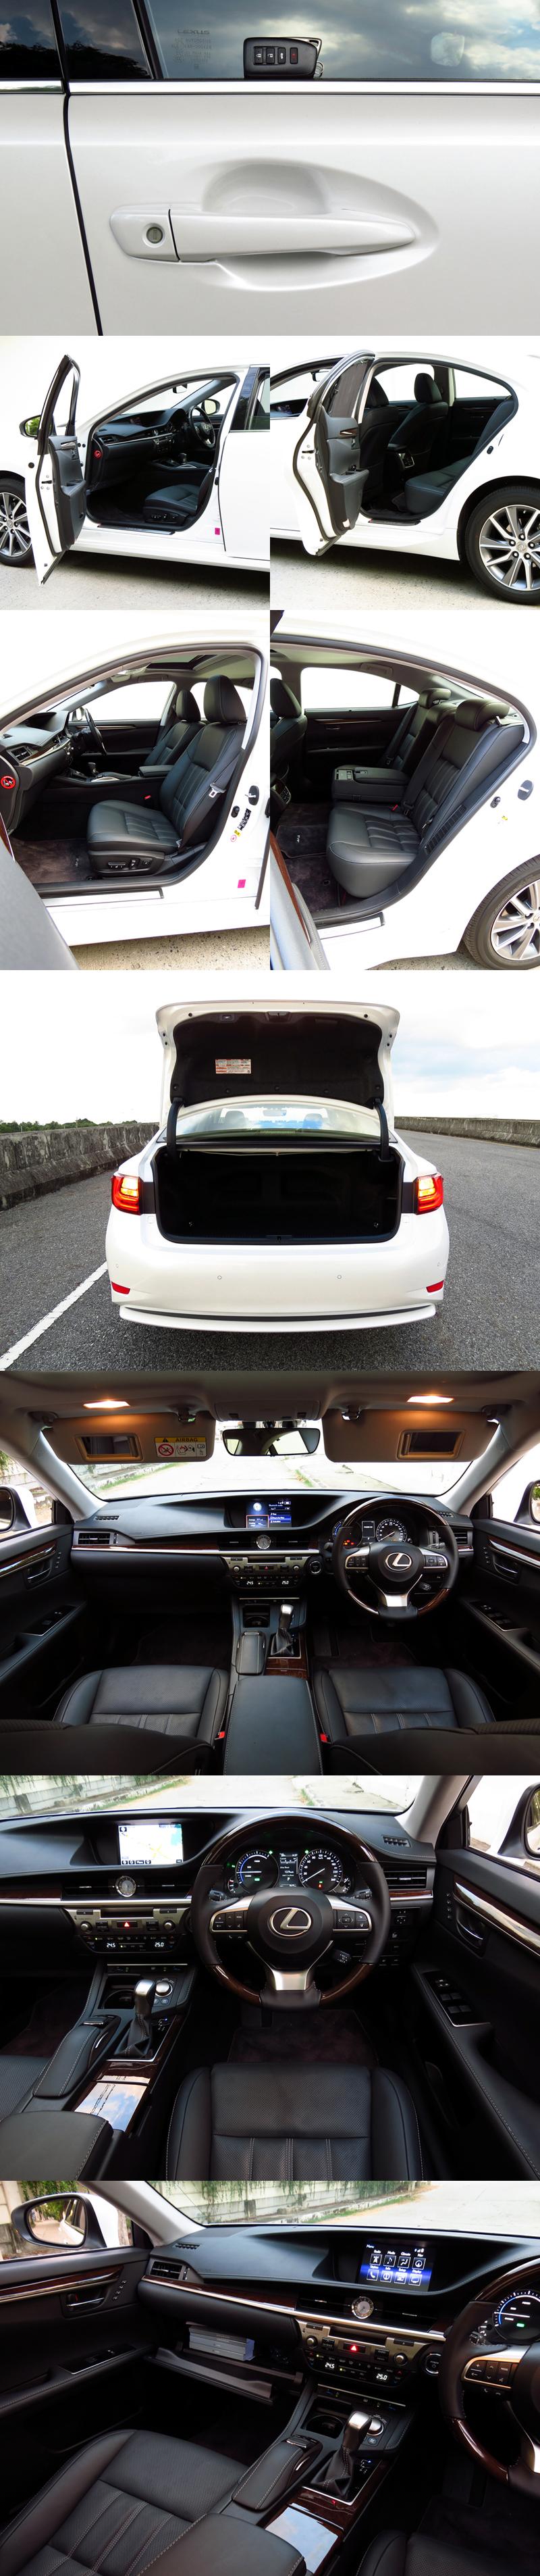 2015_08_Lexus_ES300h_Minorchange_Interior_01